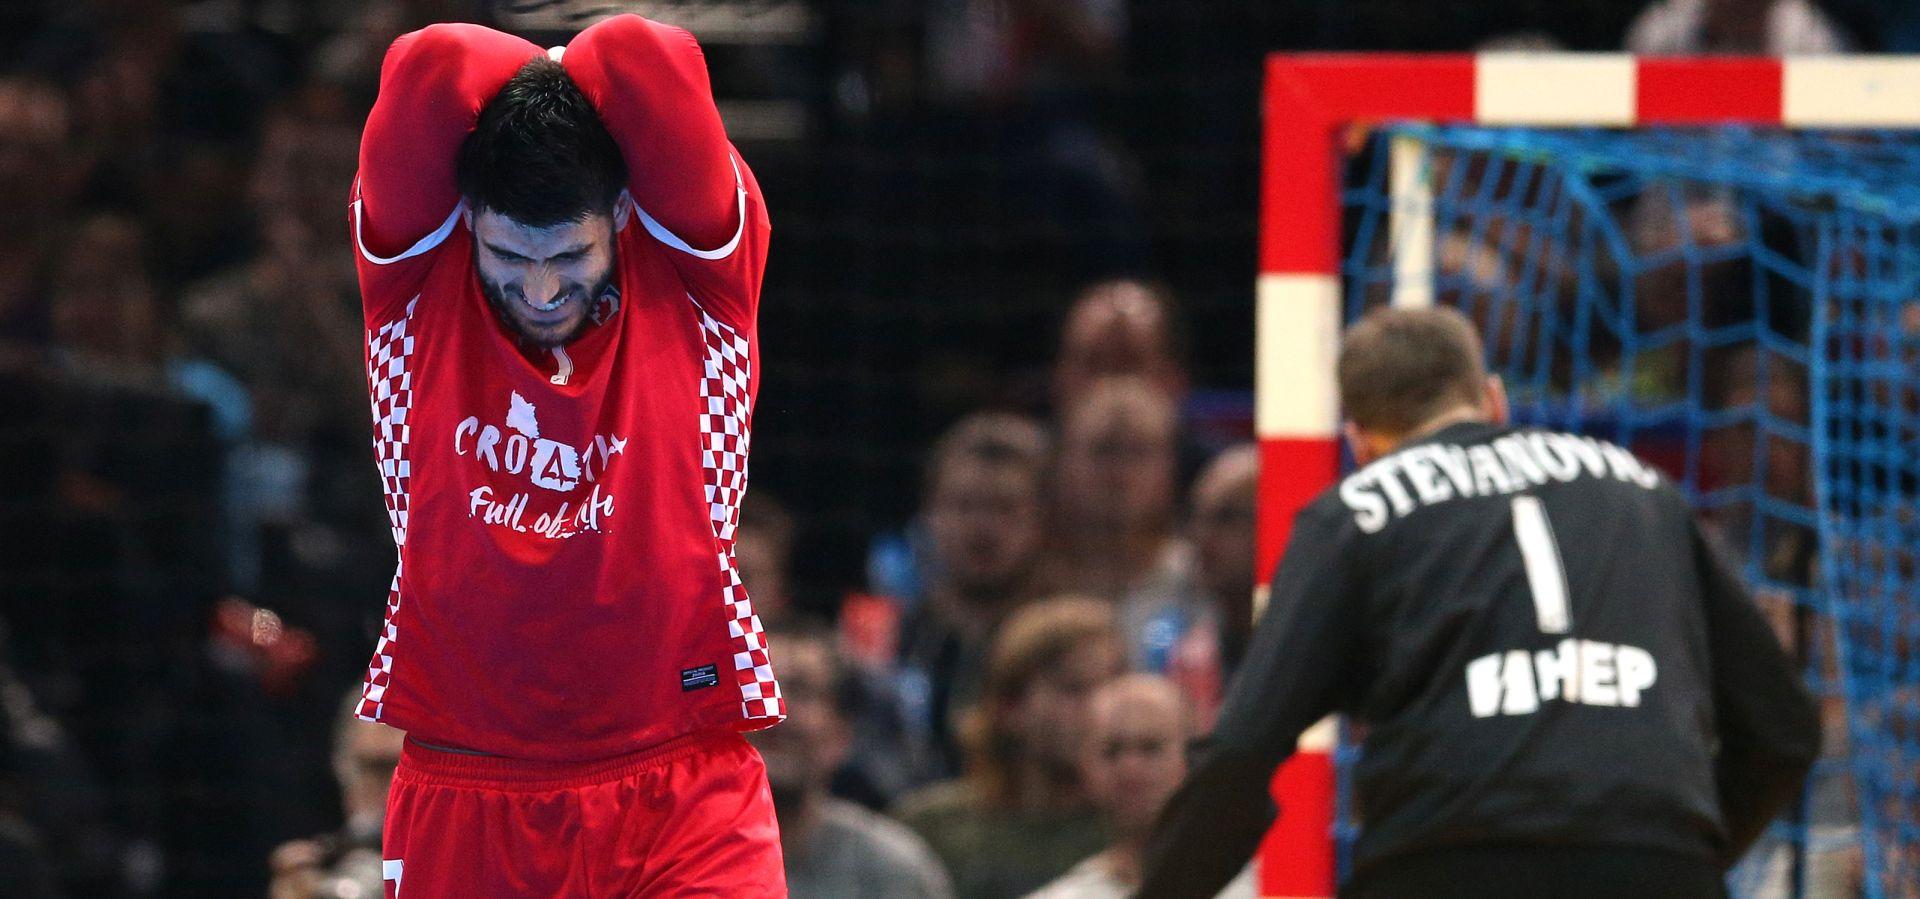 Hrvatska izgubila dobivenu utakmicu, Slovenija slavi povijesnu medalju